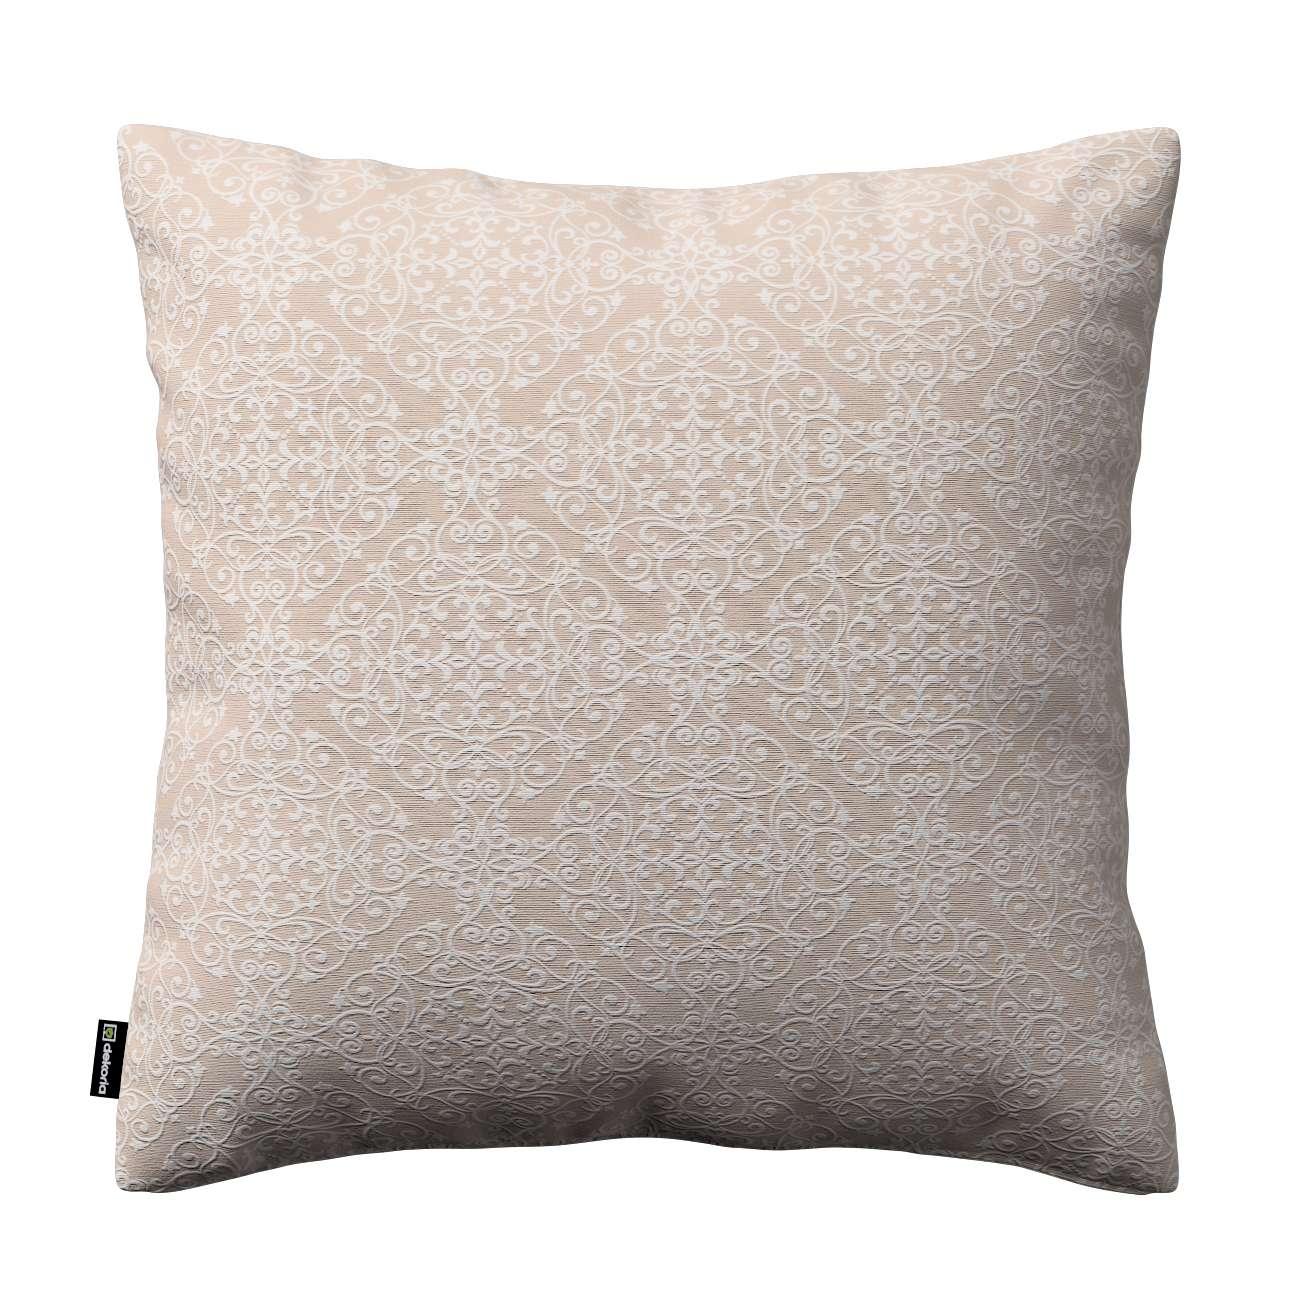 Kinga dekoratyvinės pagalvėlės užvalkalas 43 x 43 cm kolekcijoje Flowers, audinys: 140-39